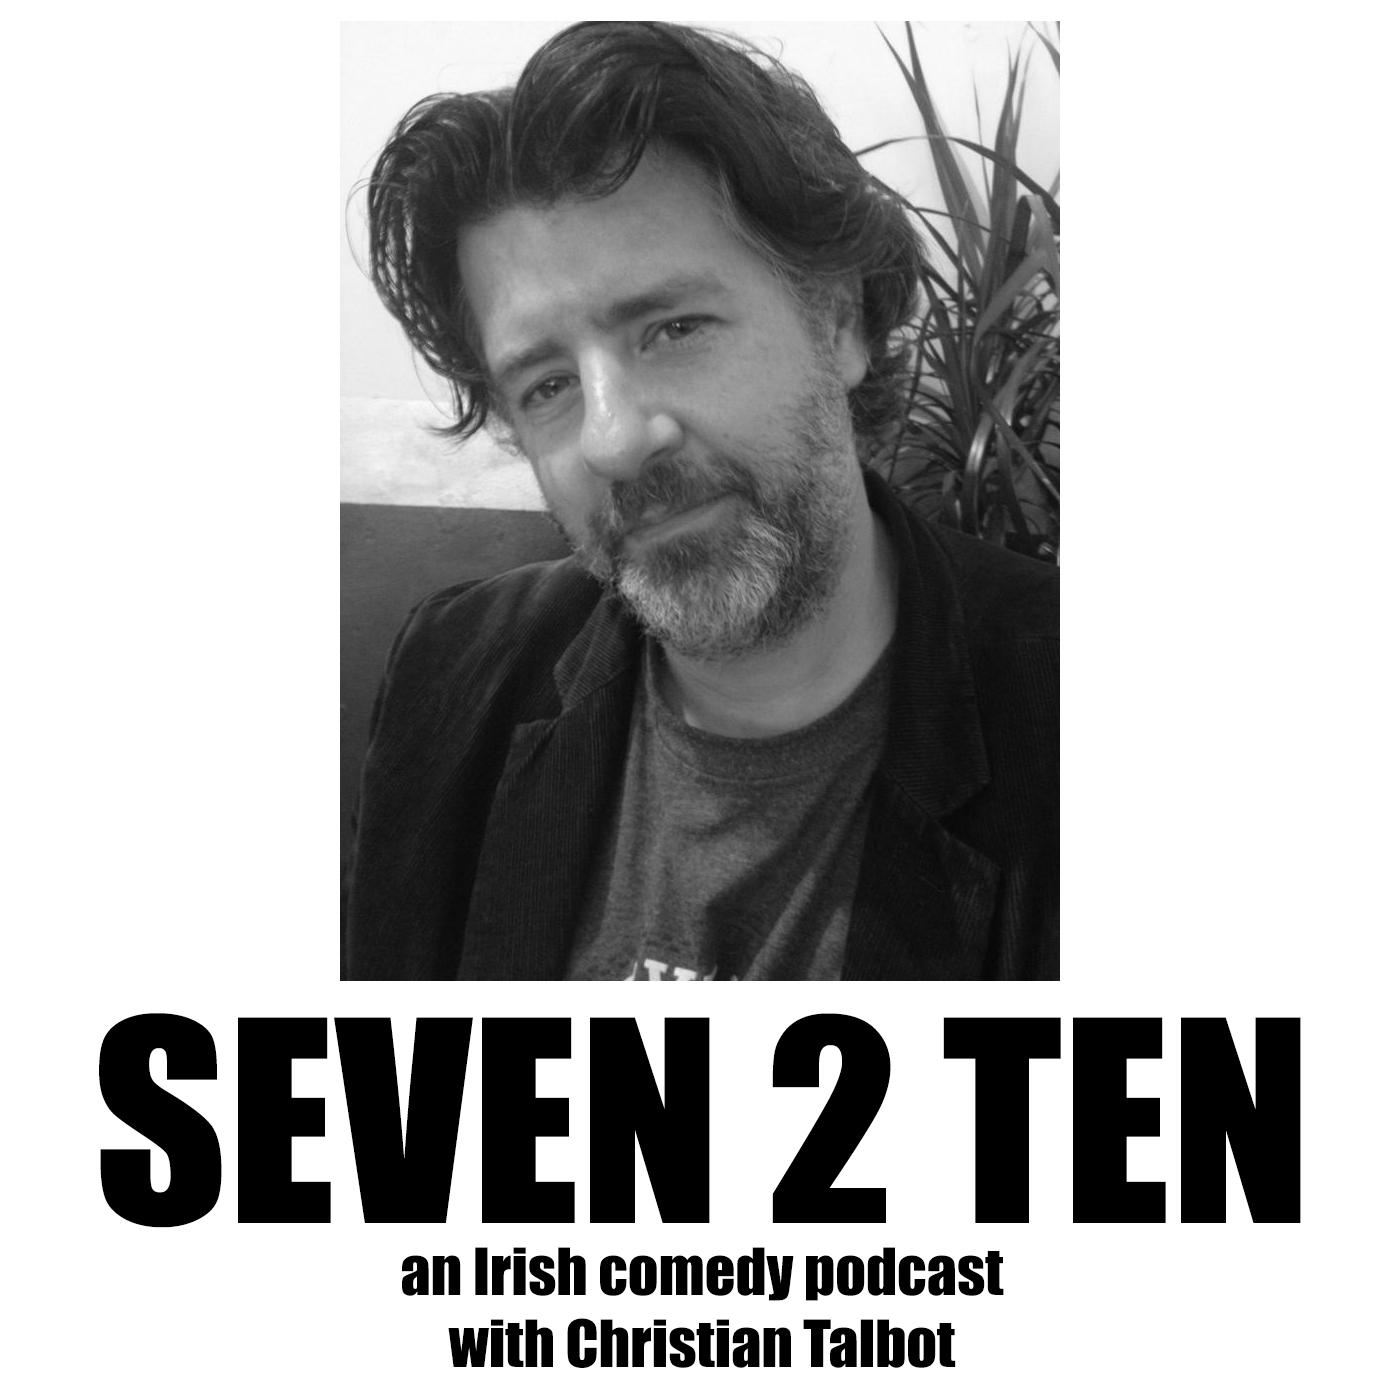 Seven2Ten